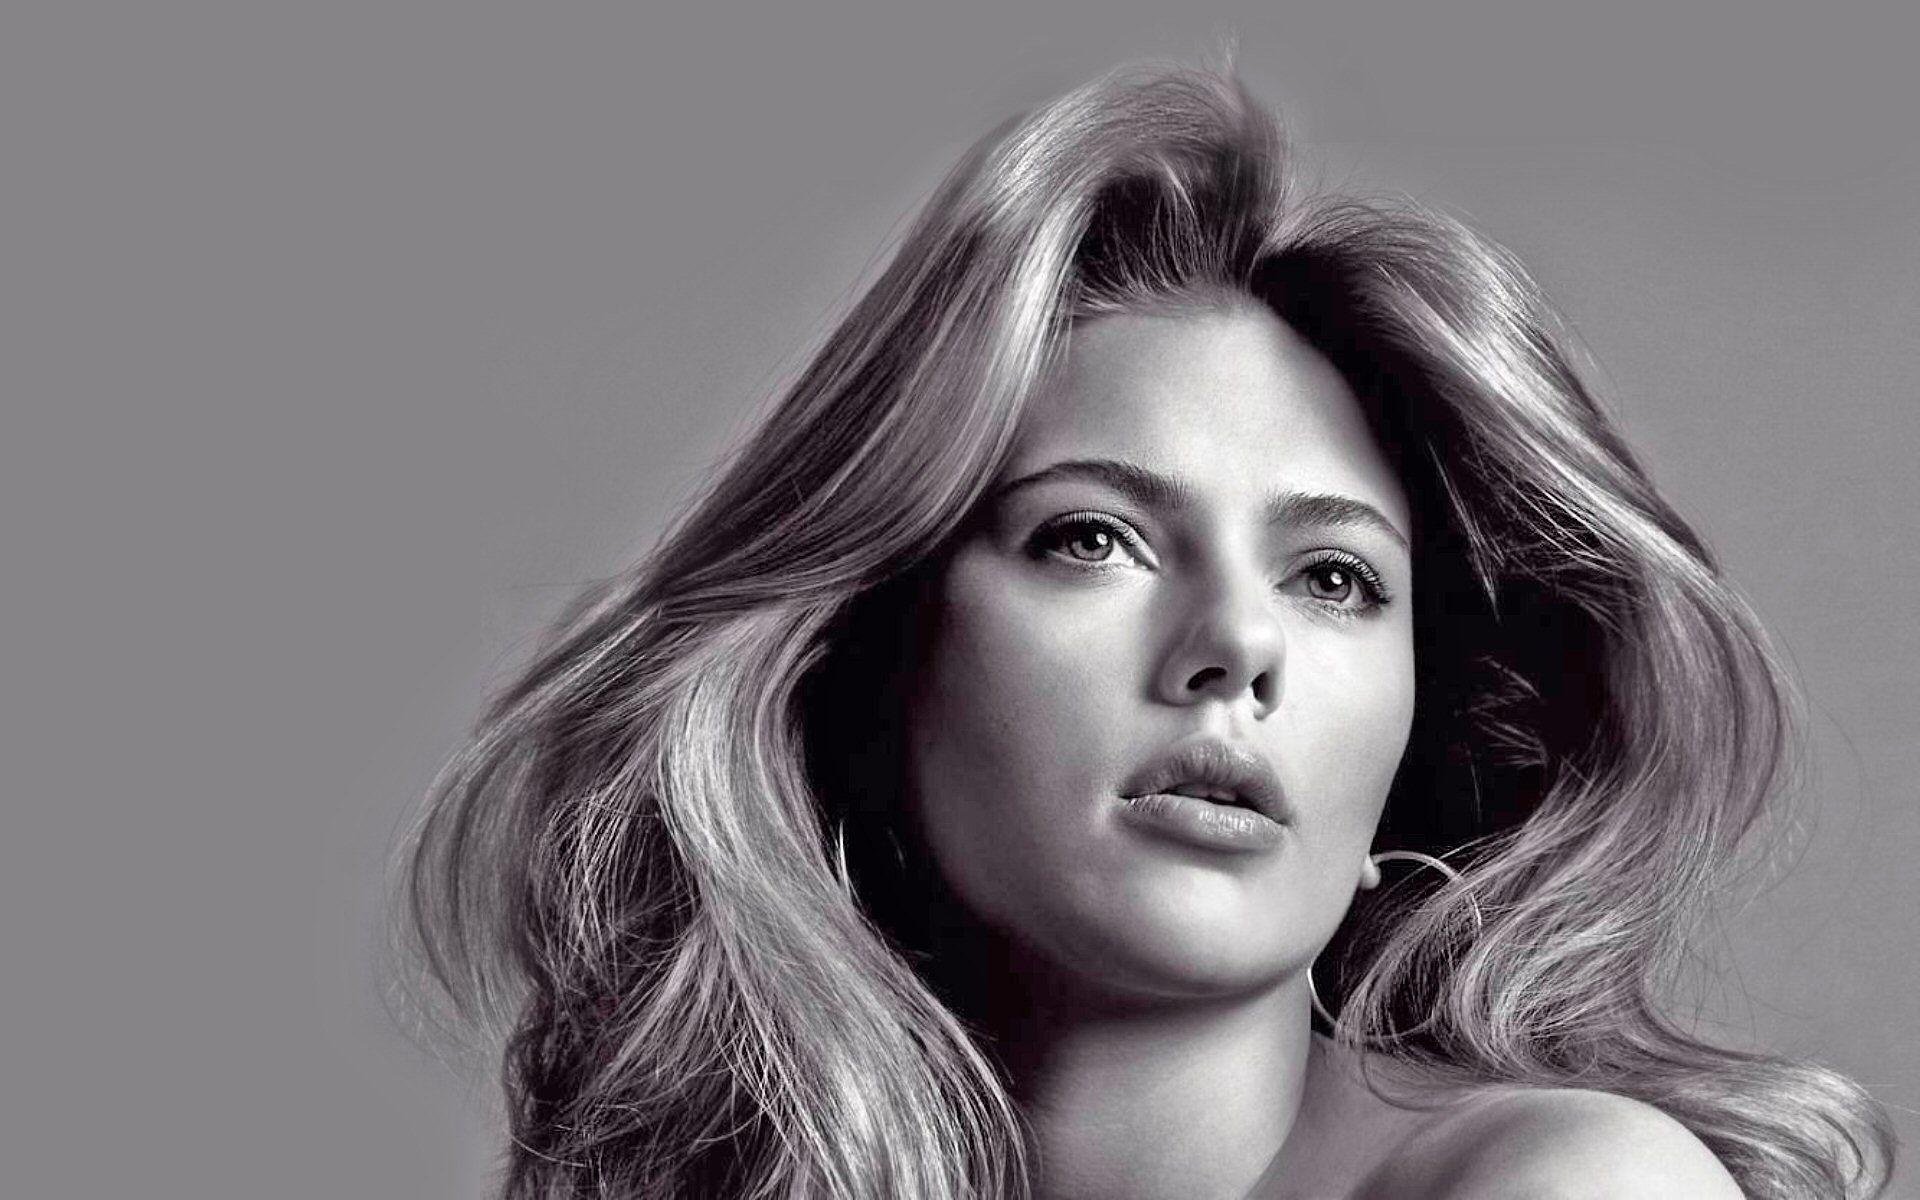 Scarlett Johansson wallpaper full hd Scarlett johansson